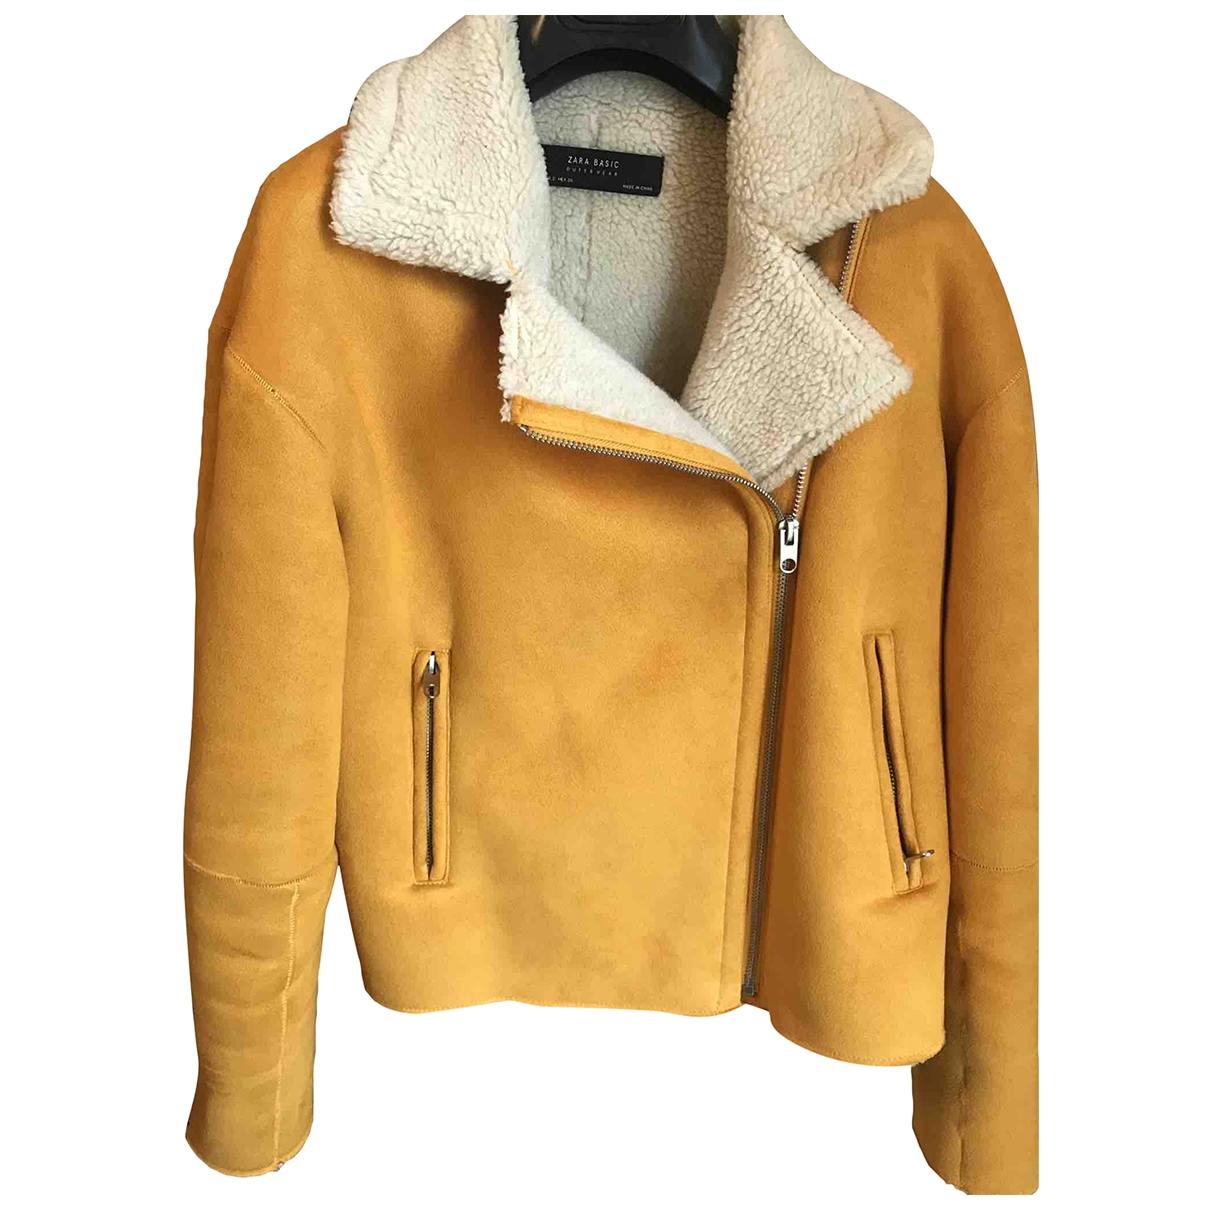 Zara - Manteau   pour femme en fourrure synthetique - jaune